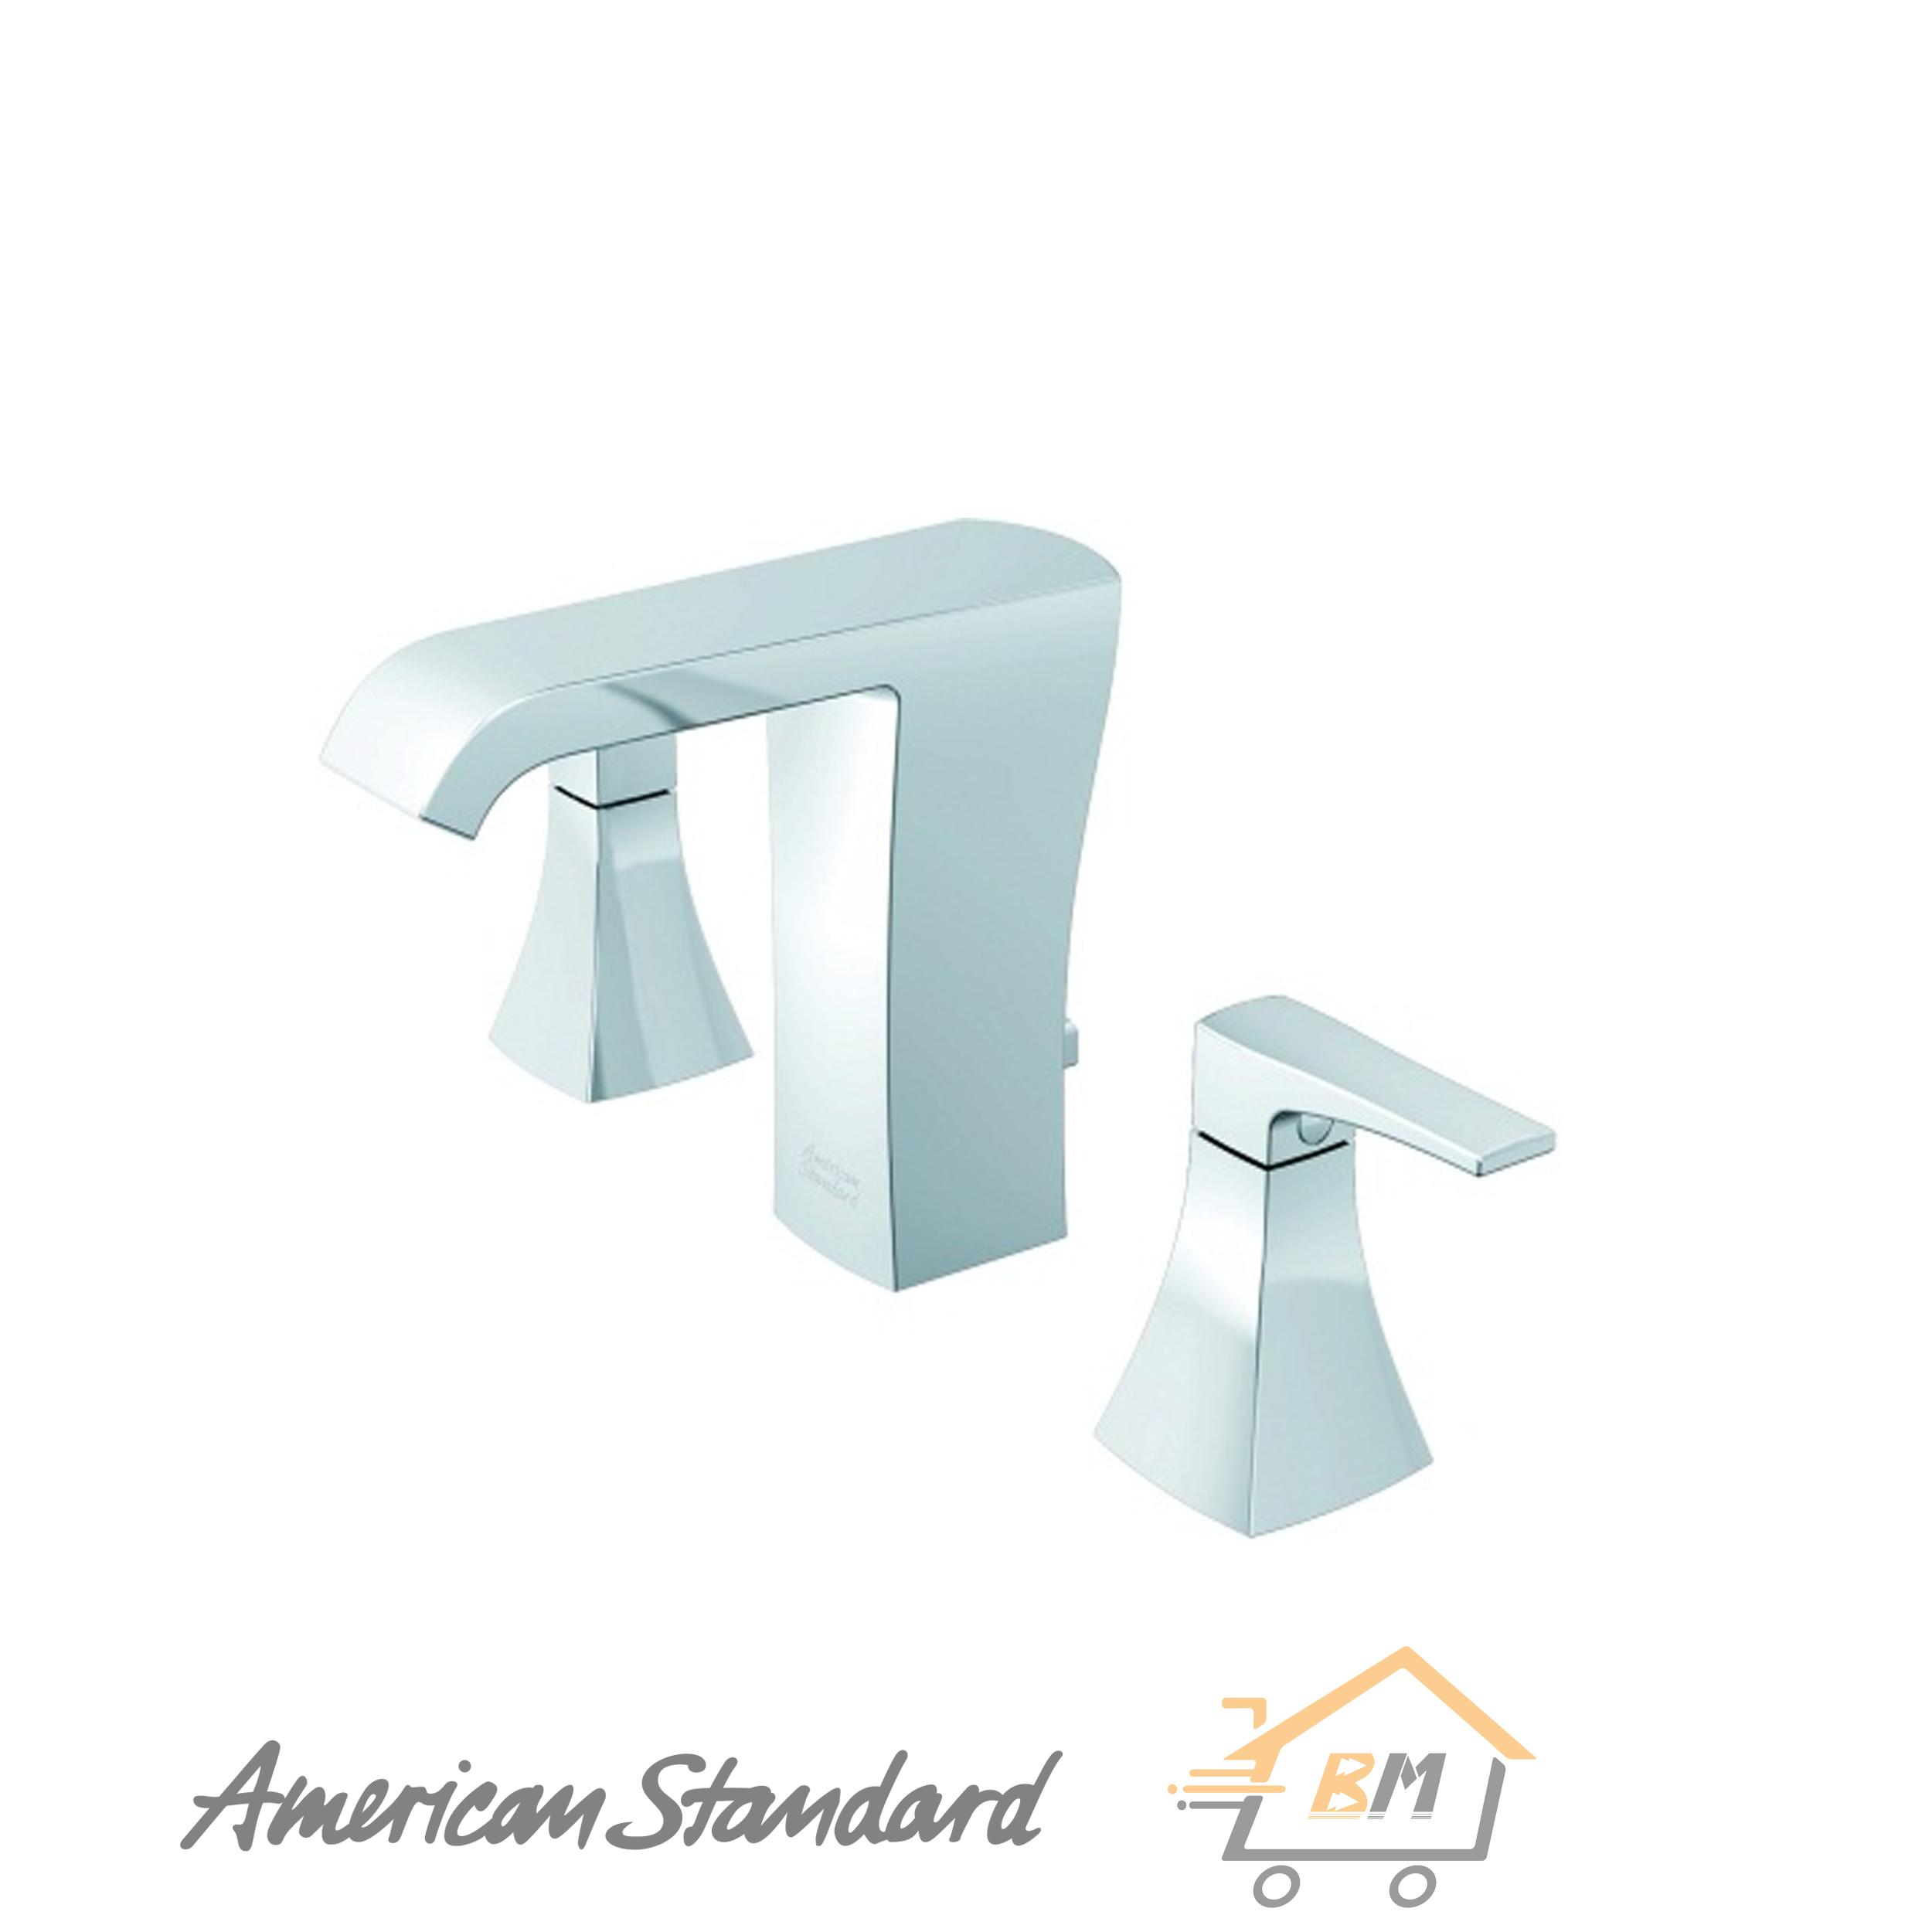 ก๊อกน้ำ American Standard (A-0604-130)